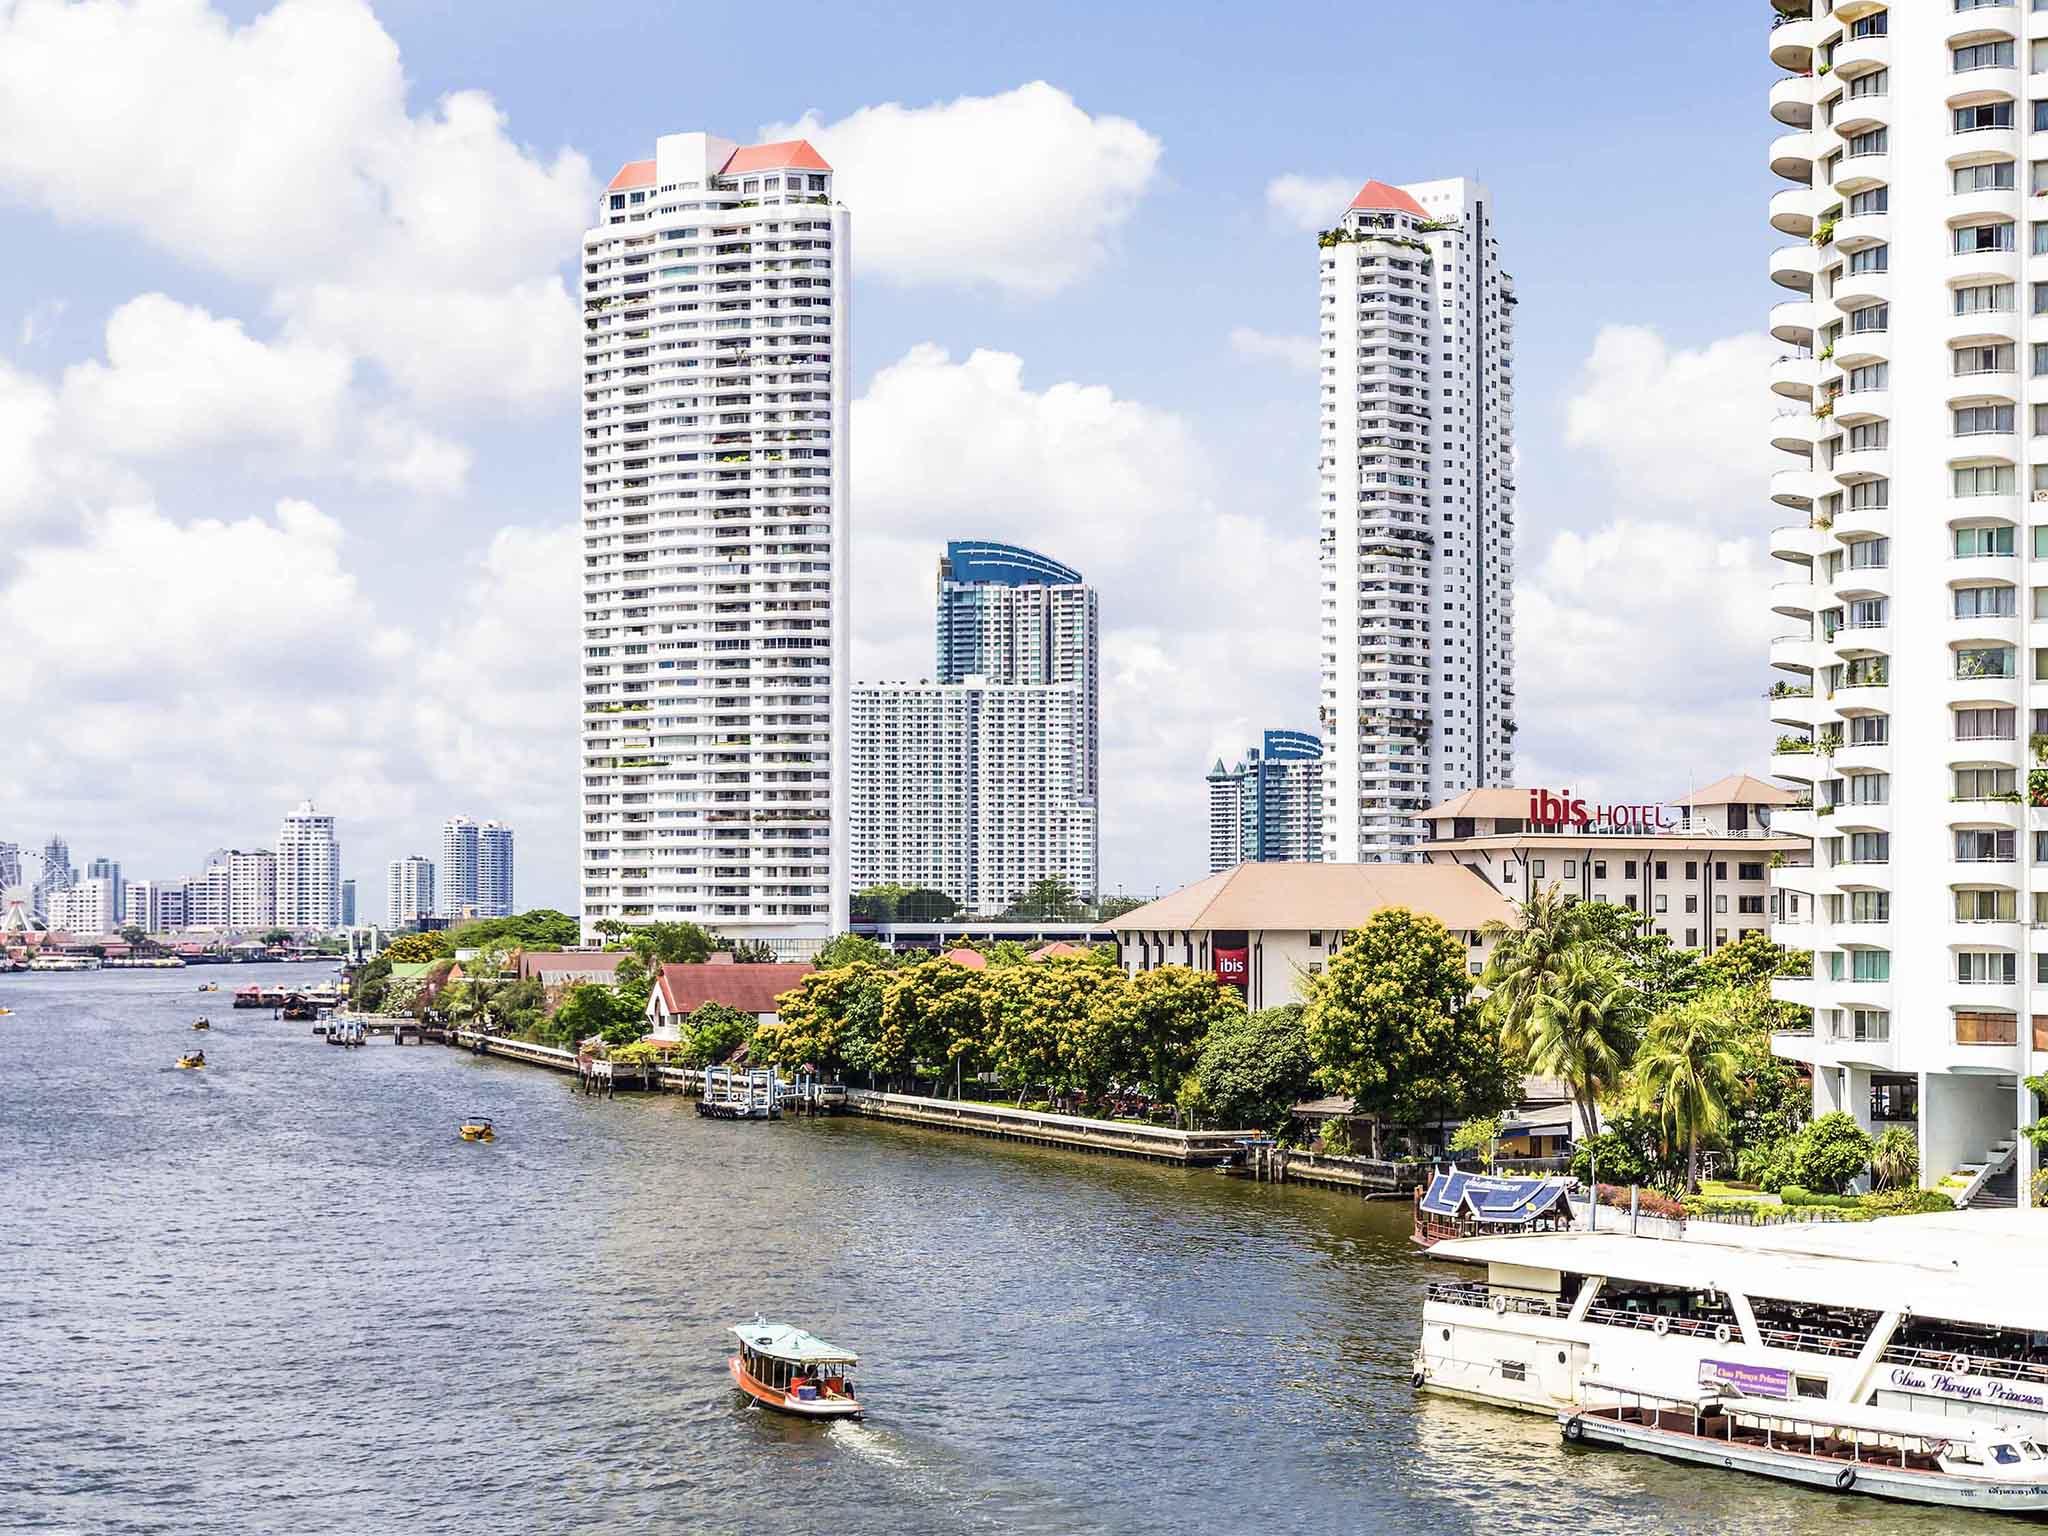 Hotel Ibis Bangkok Riverside